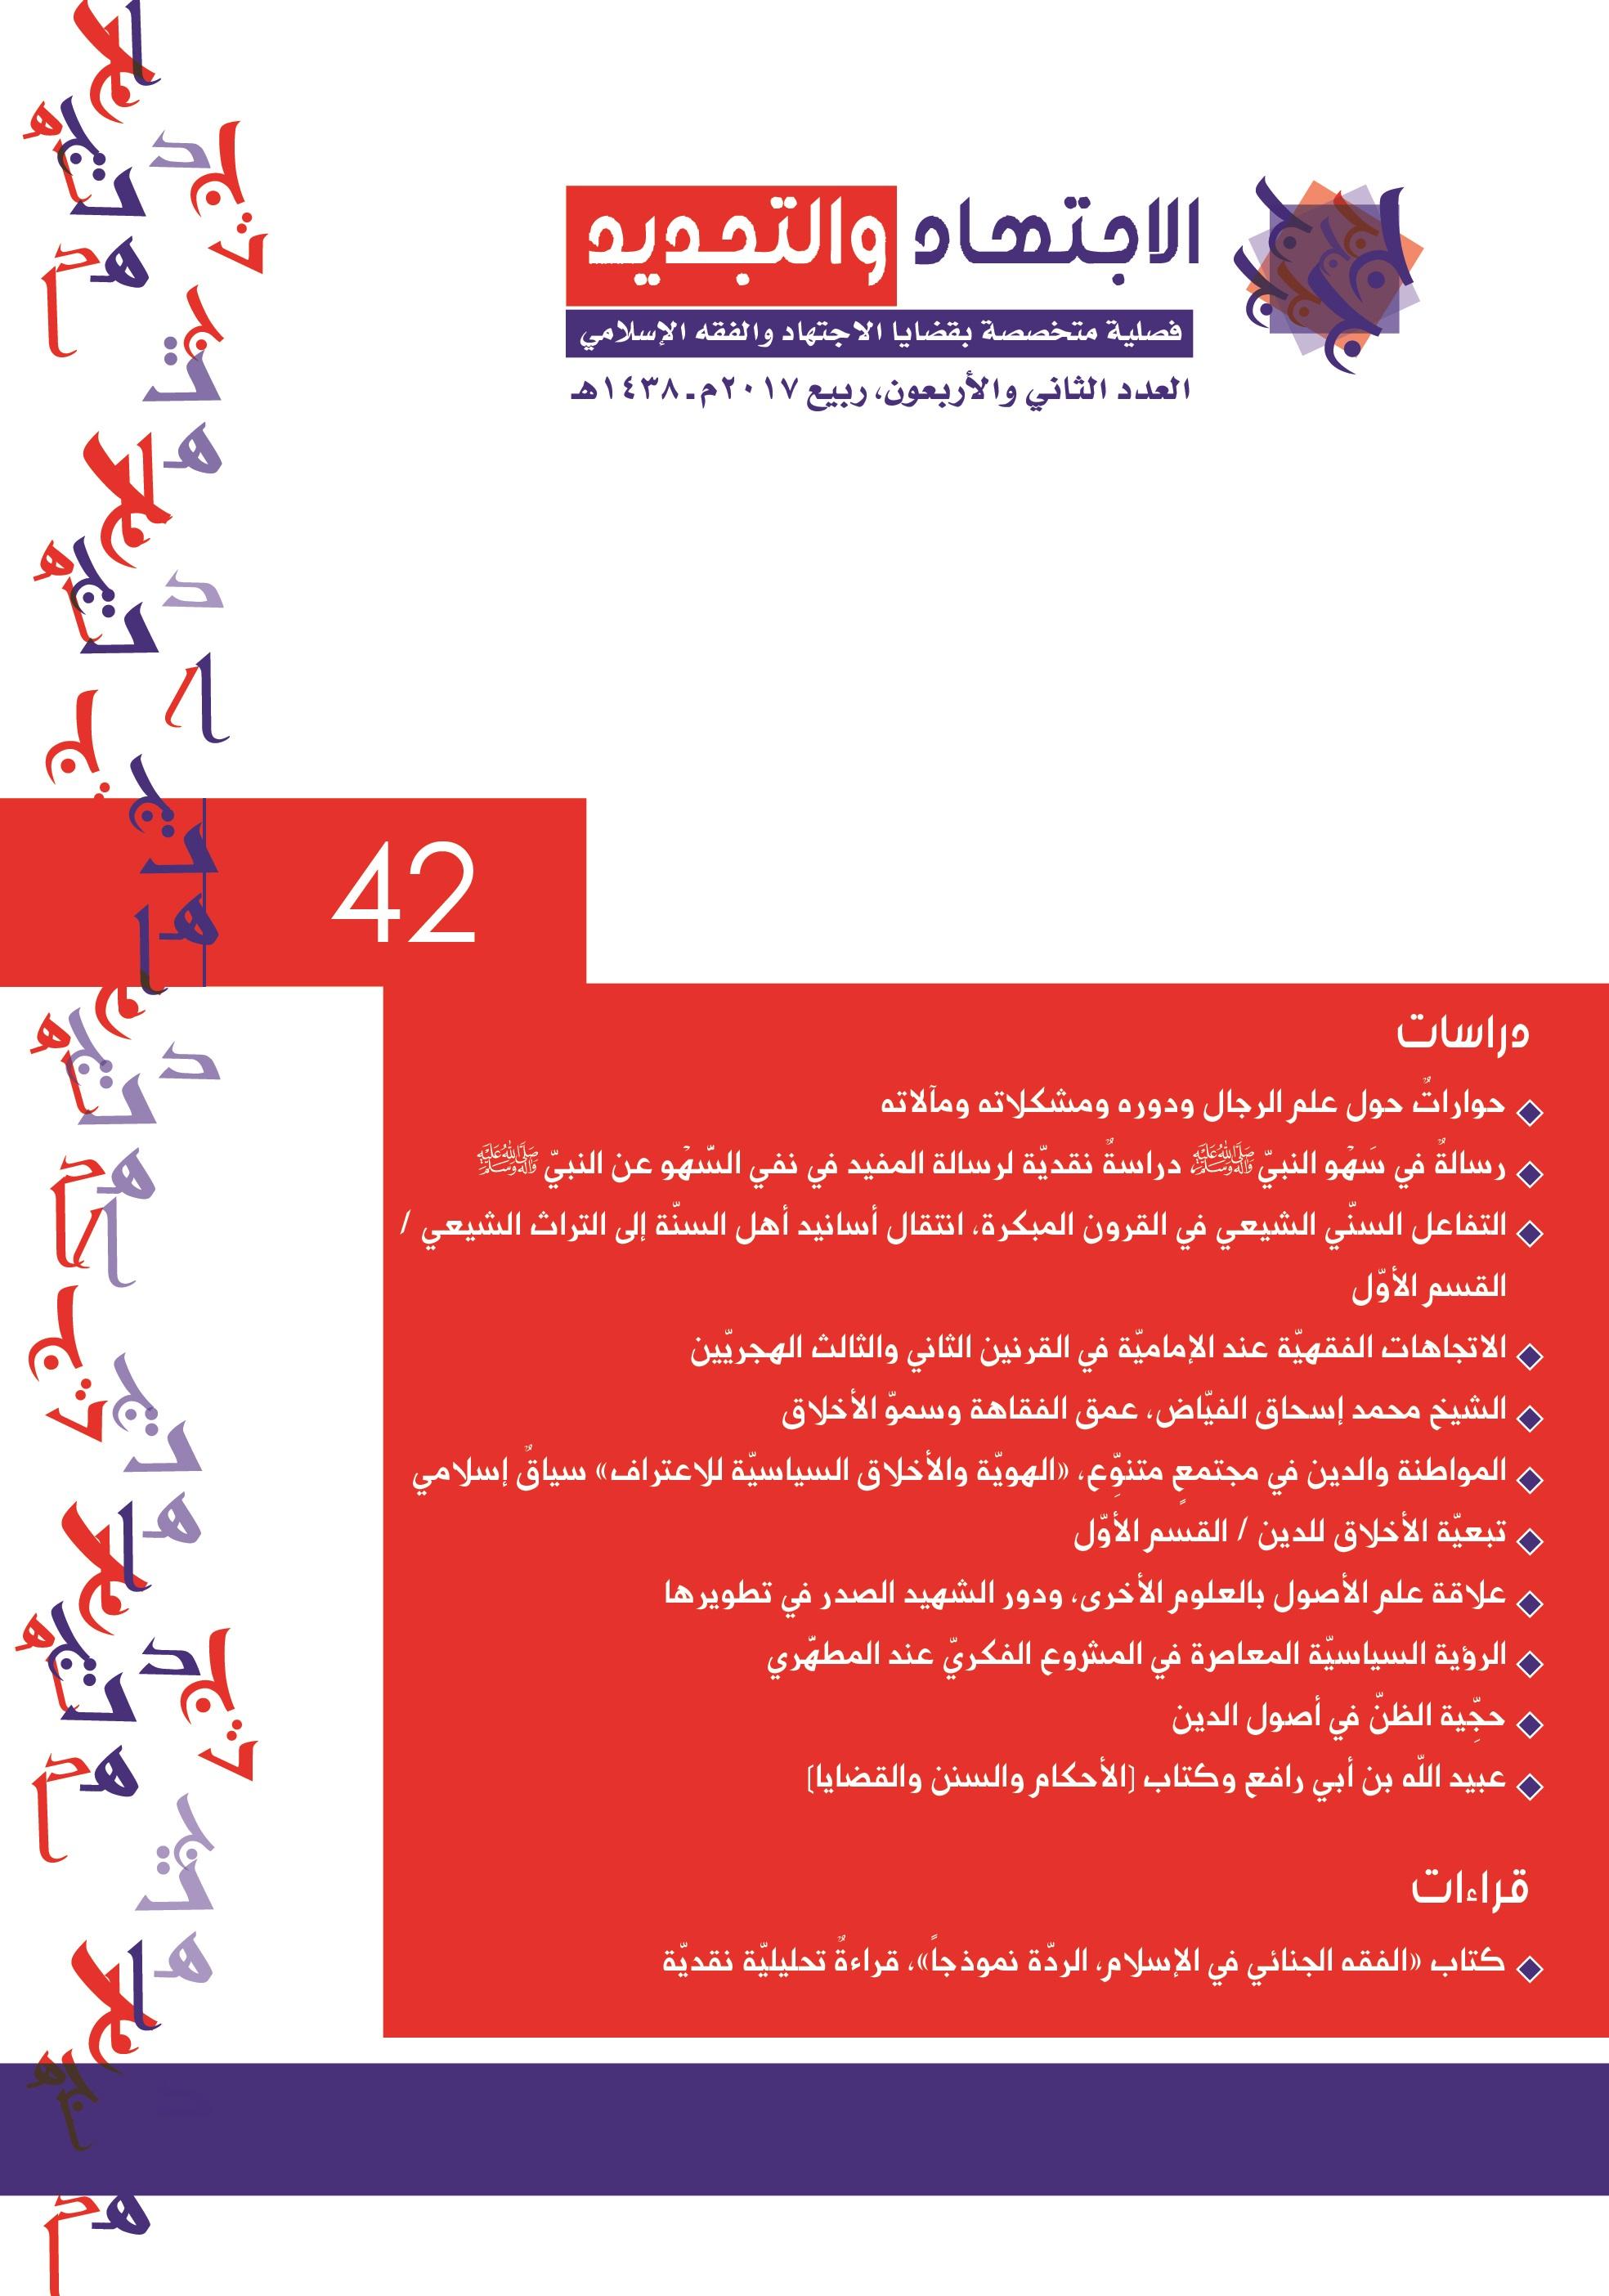 قراءة في العدد (42) من مجلة الاجتهاد والتجديد